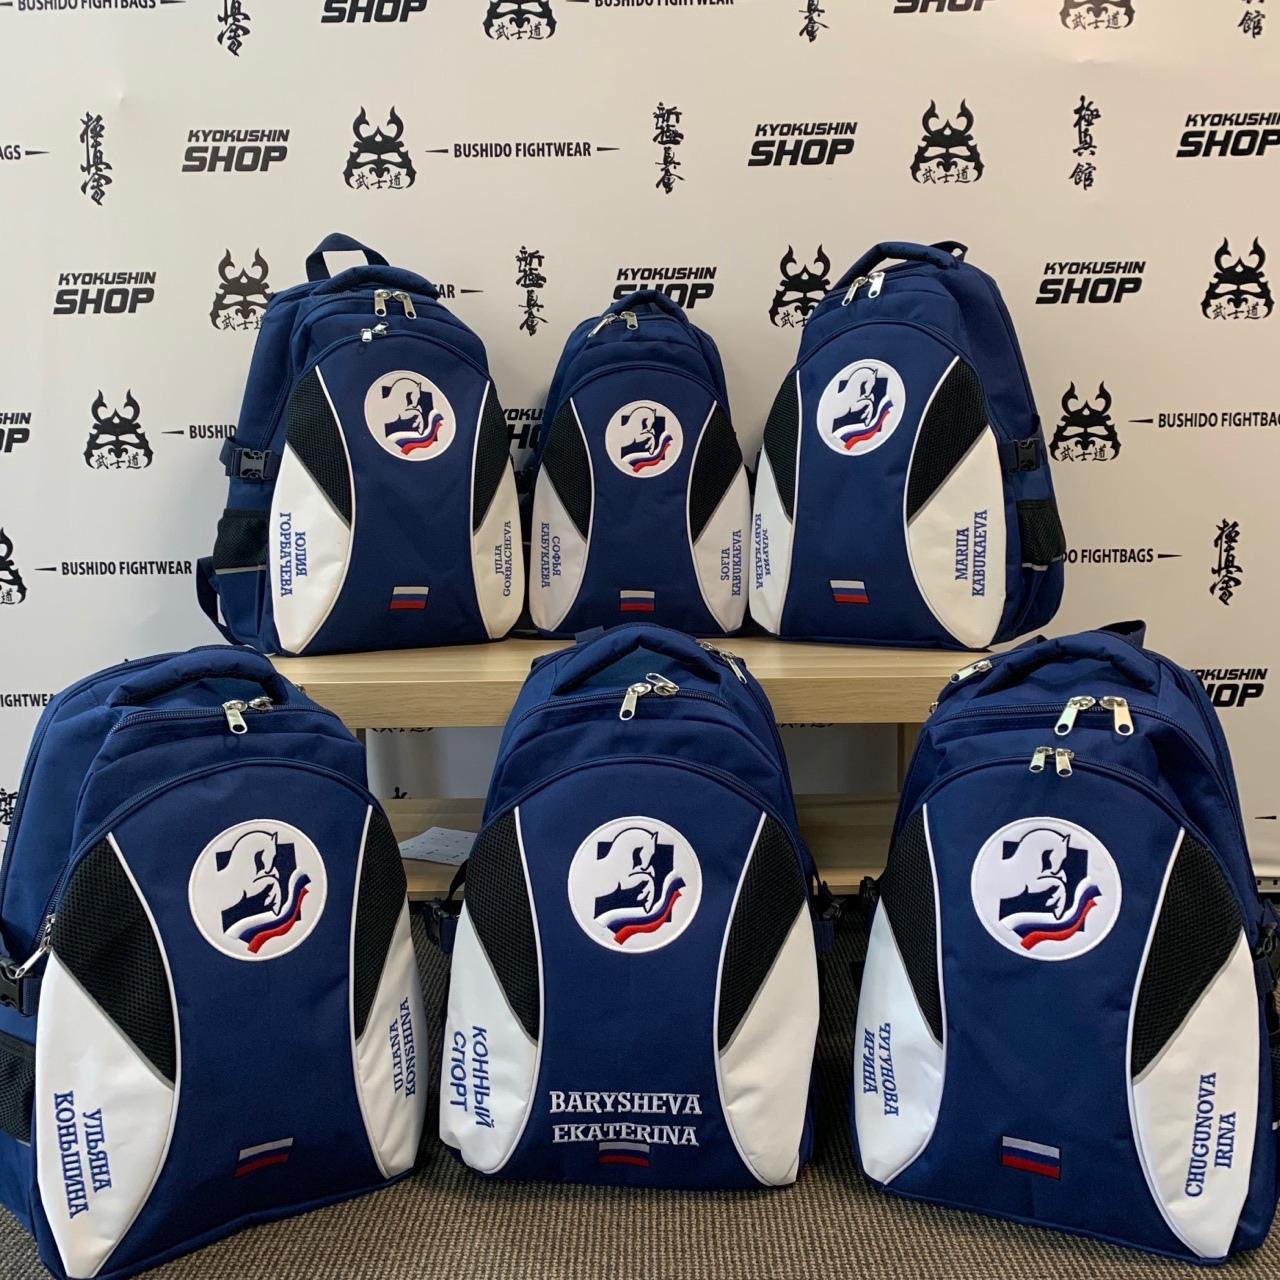 Рюкзаки с символикой конного спорта в сине-белой расцветке стали настоящим хитом!